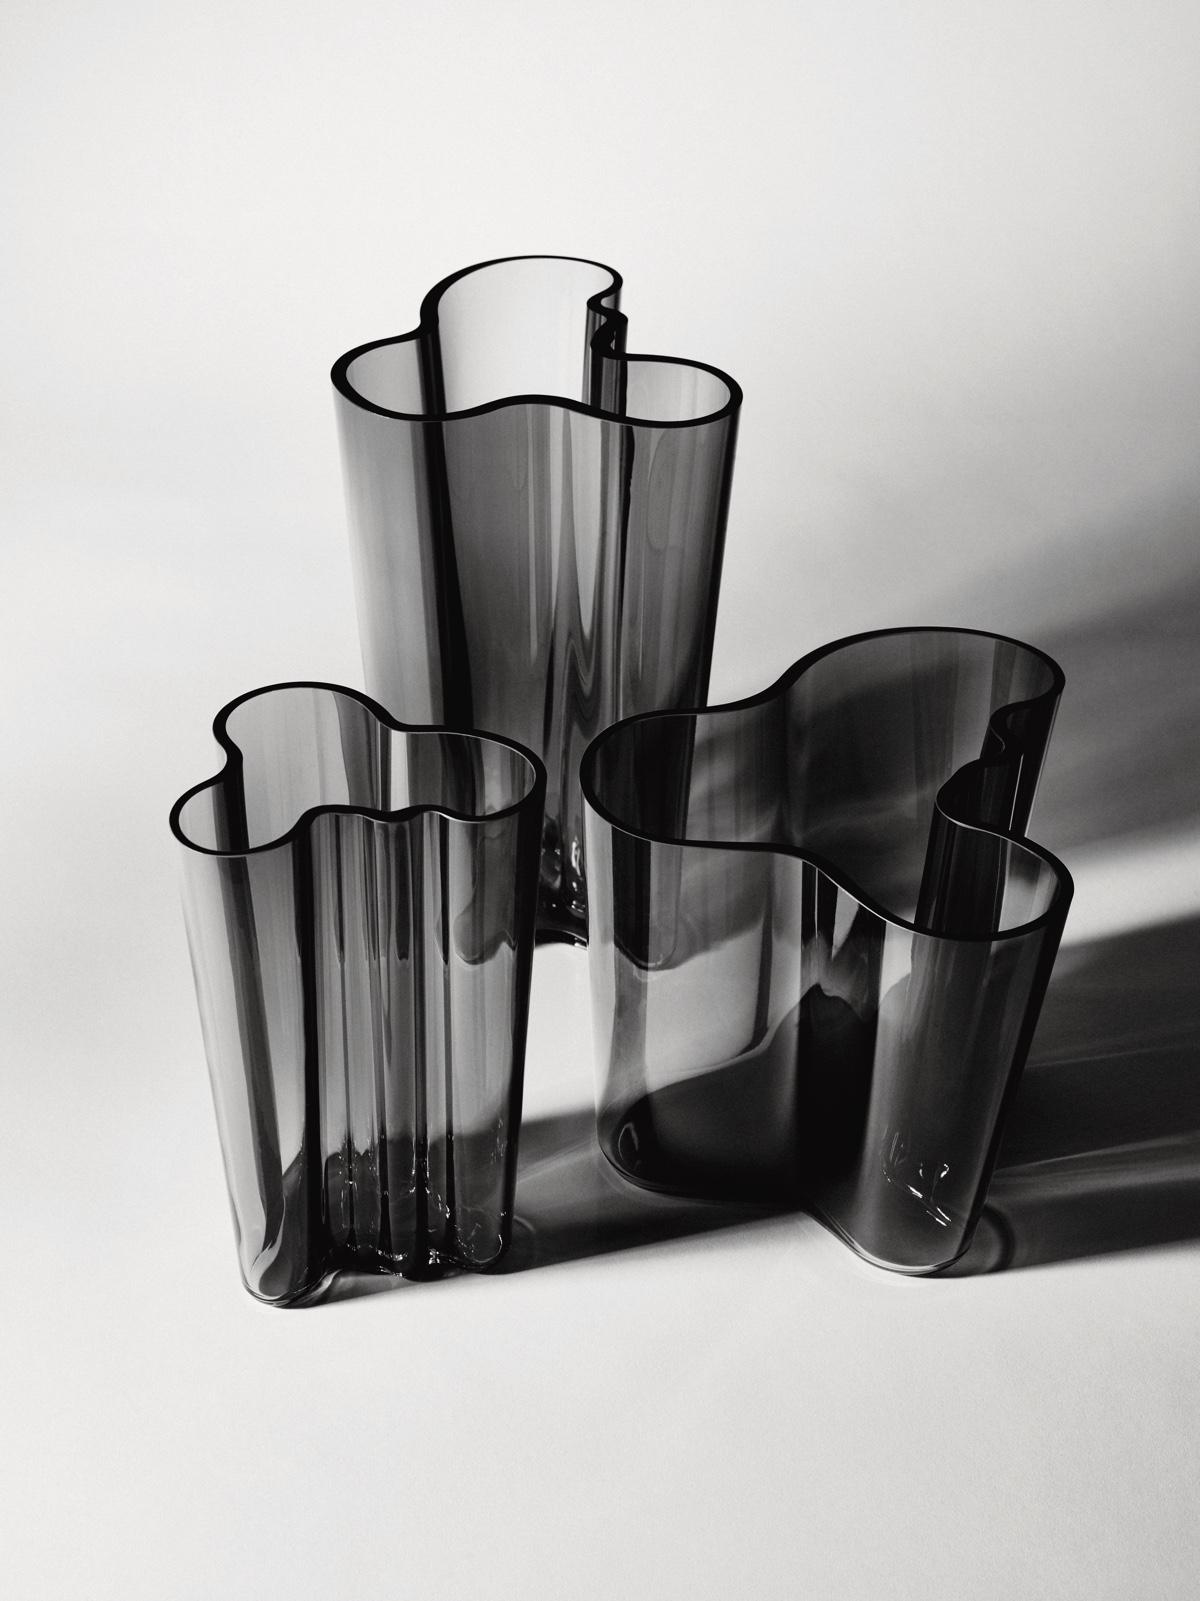 Дизайнер с мировым именем Алвар Аалто - вазы в сером цвете